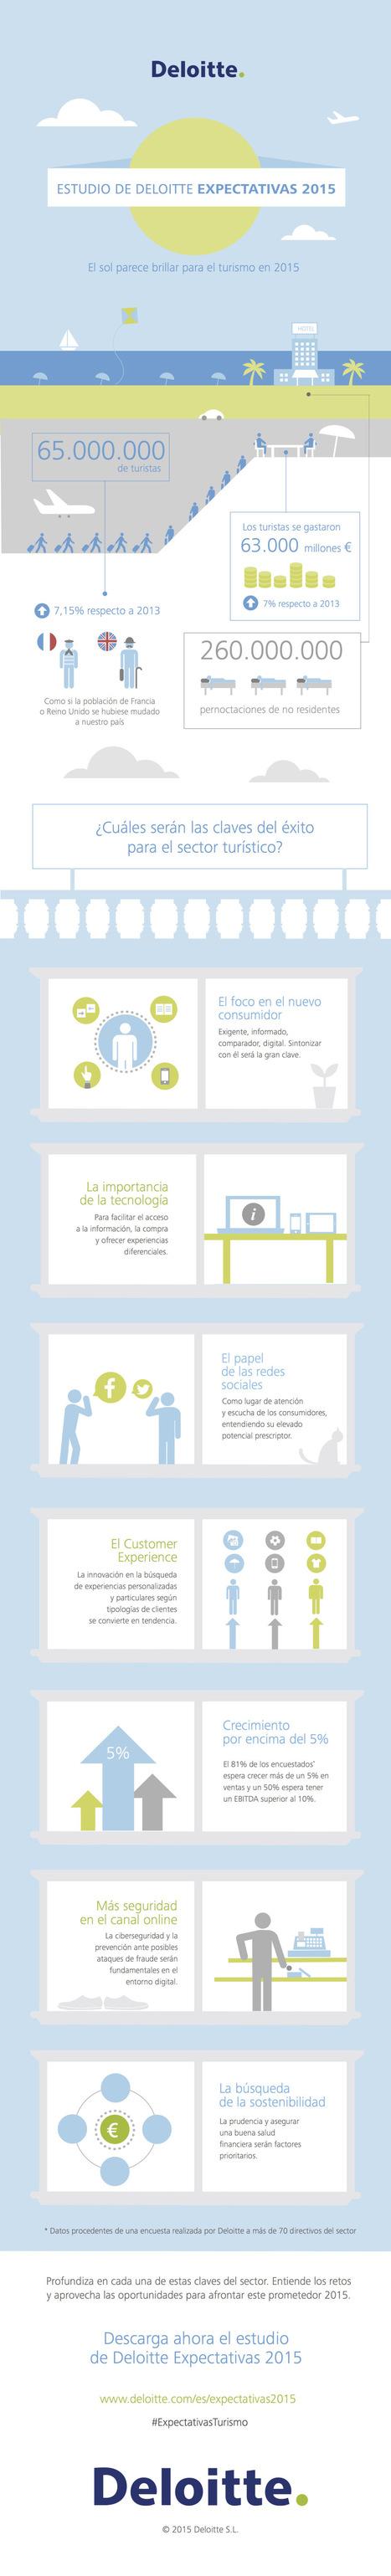 #Turismo : Estudio sobre turismo en España 2015 | Estrategias Competitivas enTurismo: | Scoop.it